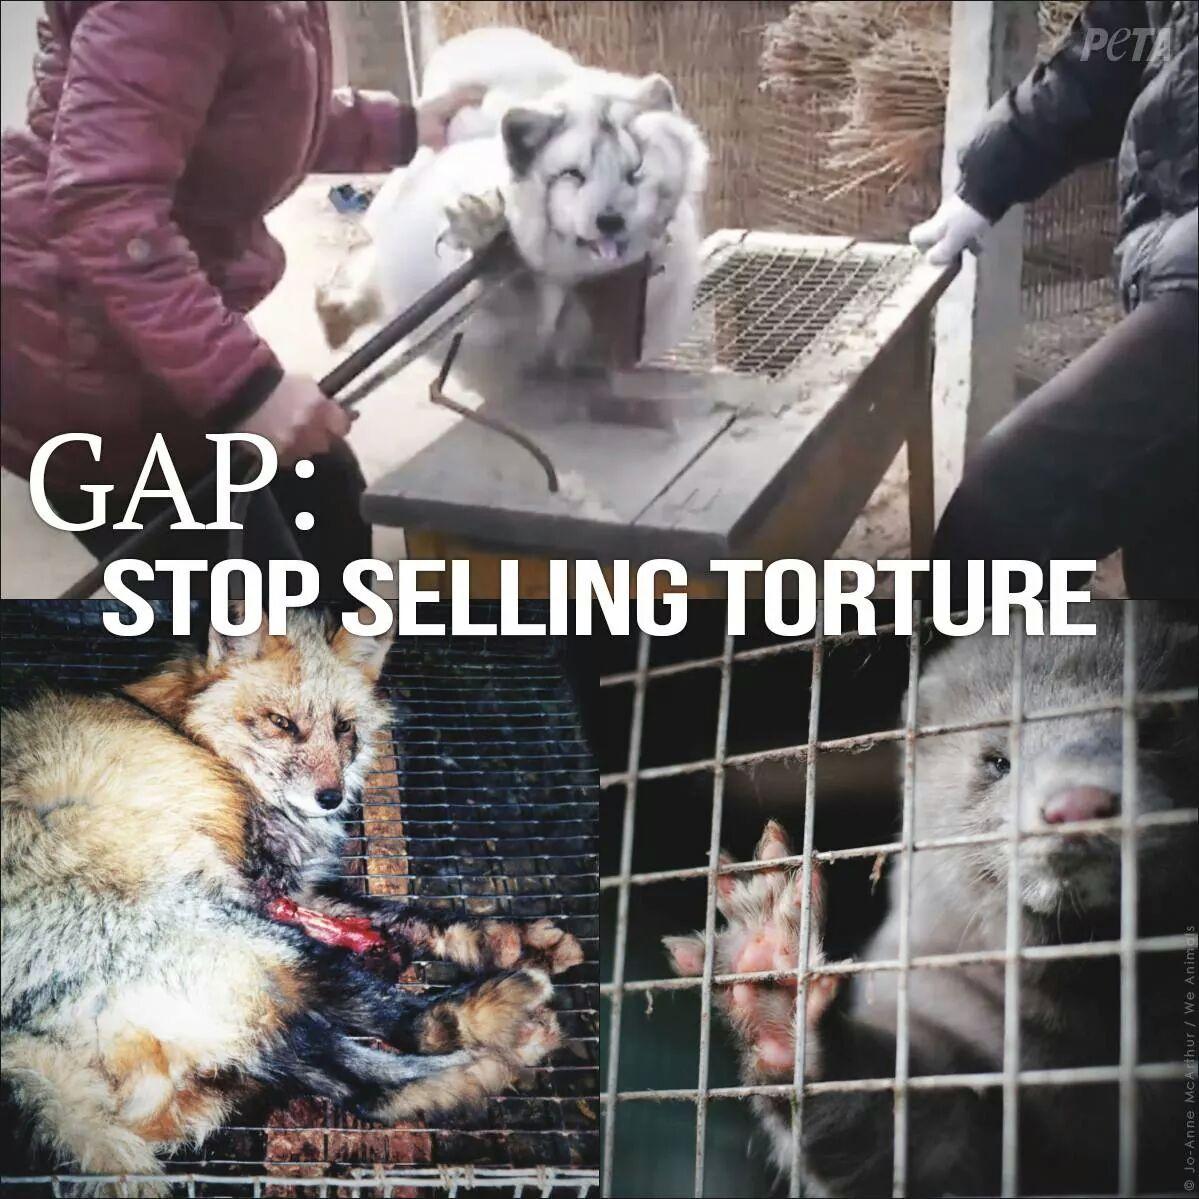 Animal Cruelty Awareness - Magazine cover